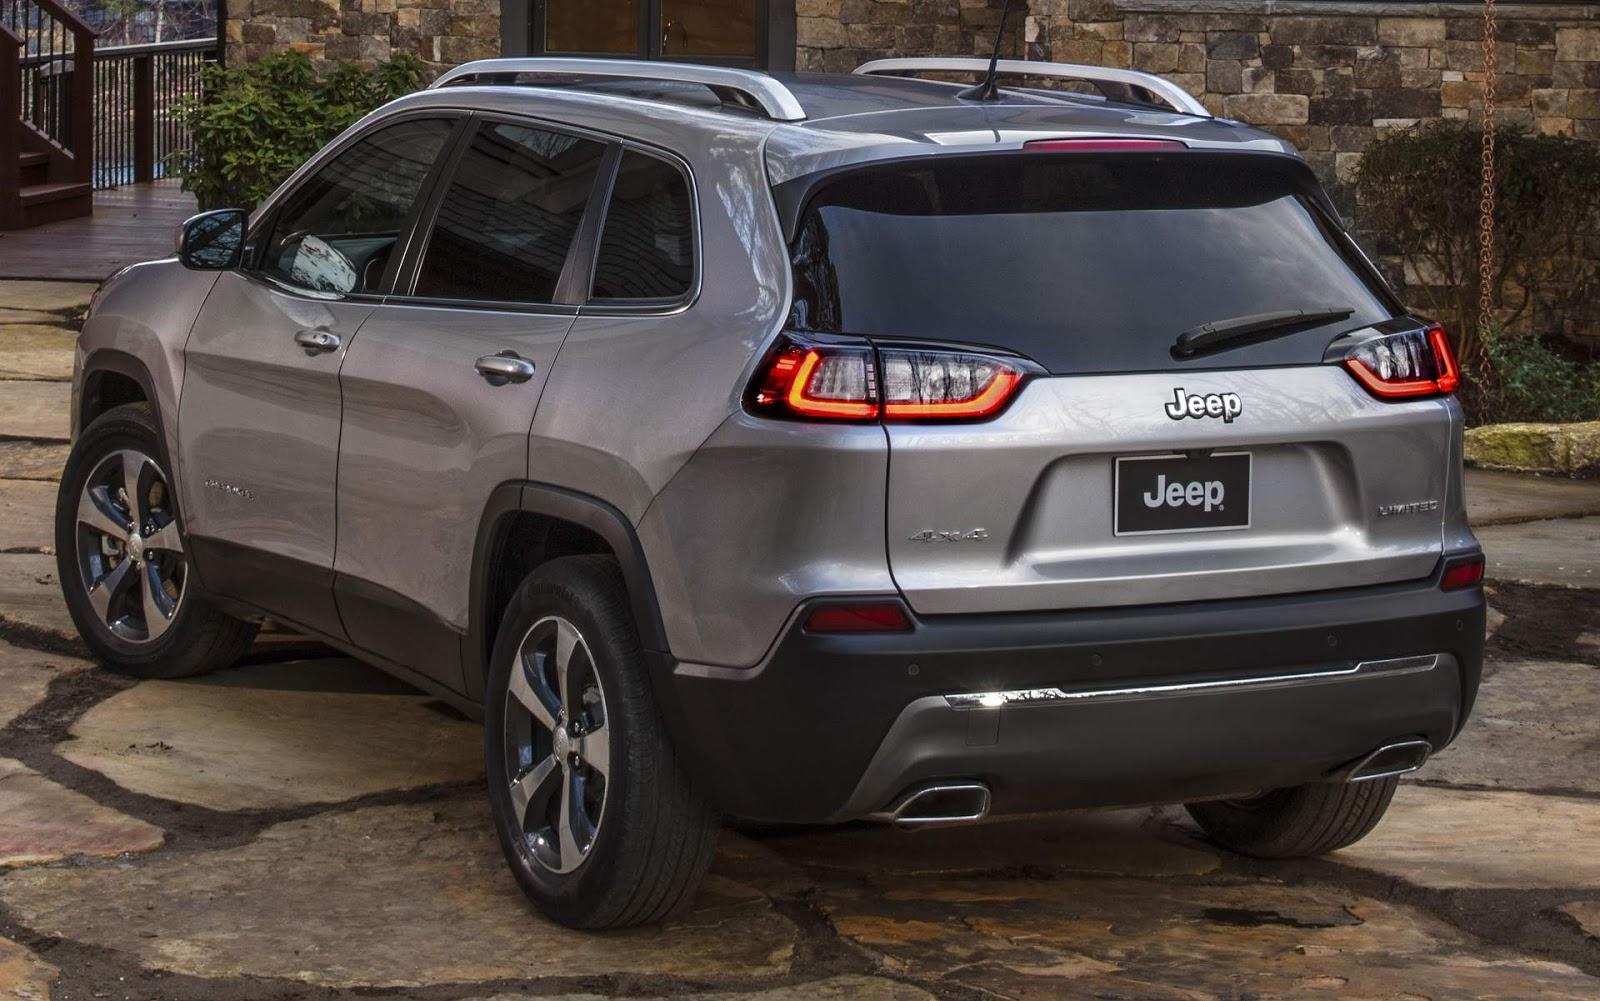 Novo Jeep Cherokee 2019 será lançado em janeiro - fotos ...